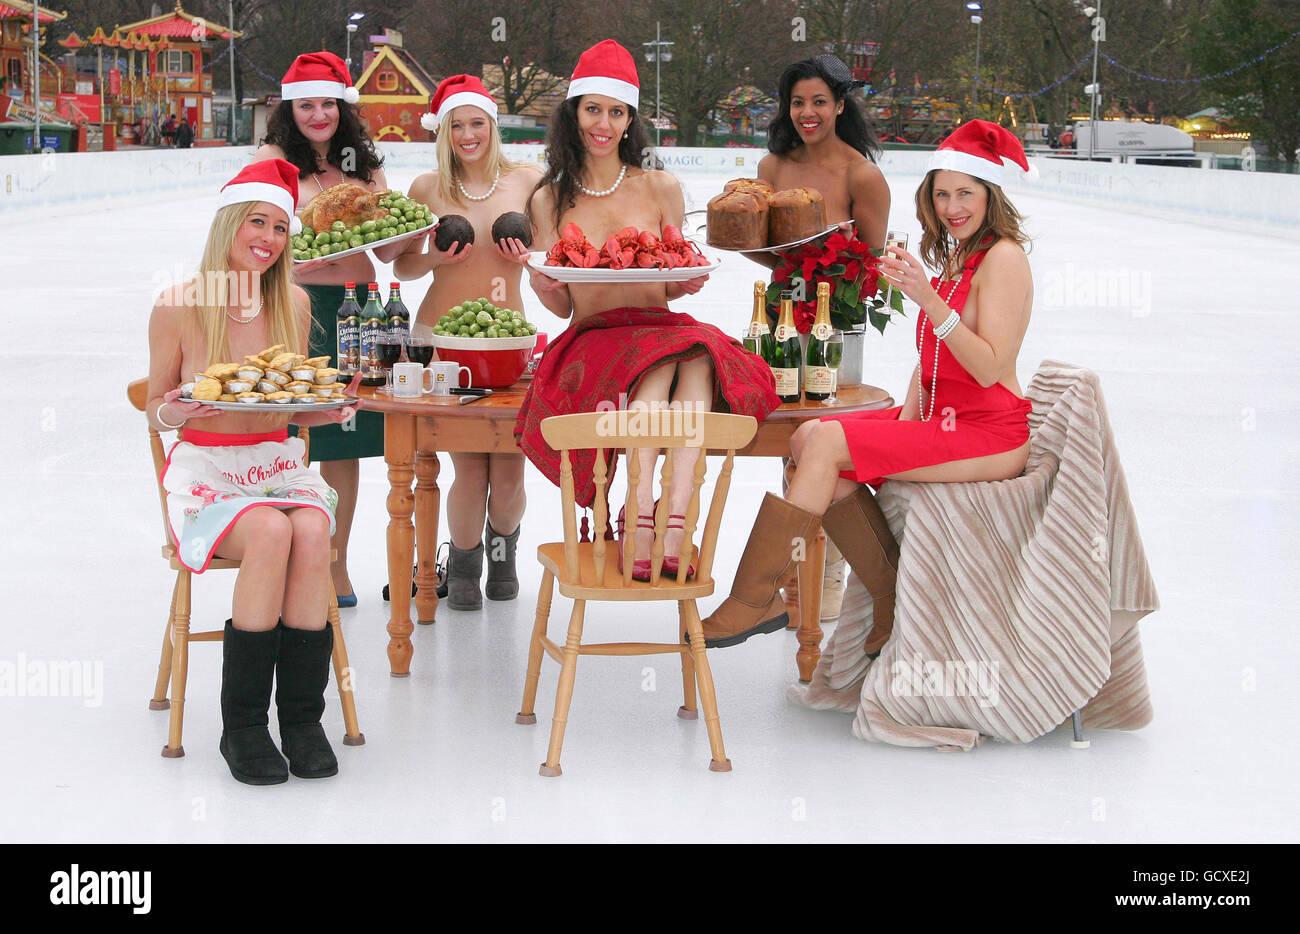 Lidl luxury Christmas range - Stock Image